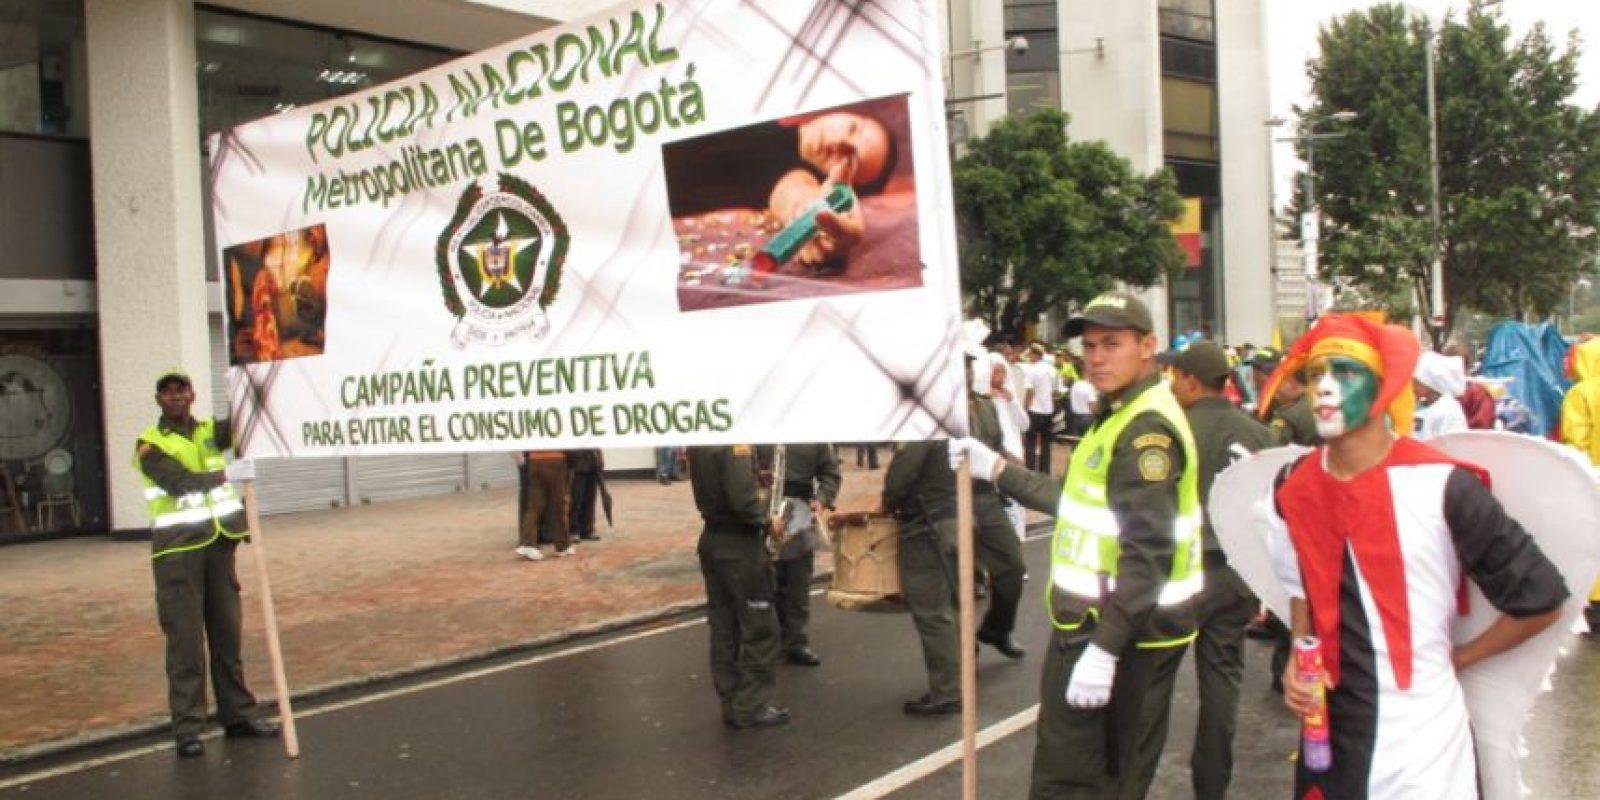 Las cifras indican que Bogotá es hoy más segura que hace cuatro años. Foto:Archivo PUBLIMETRO